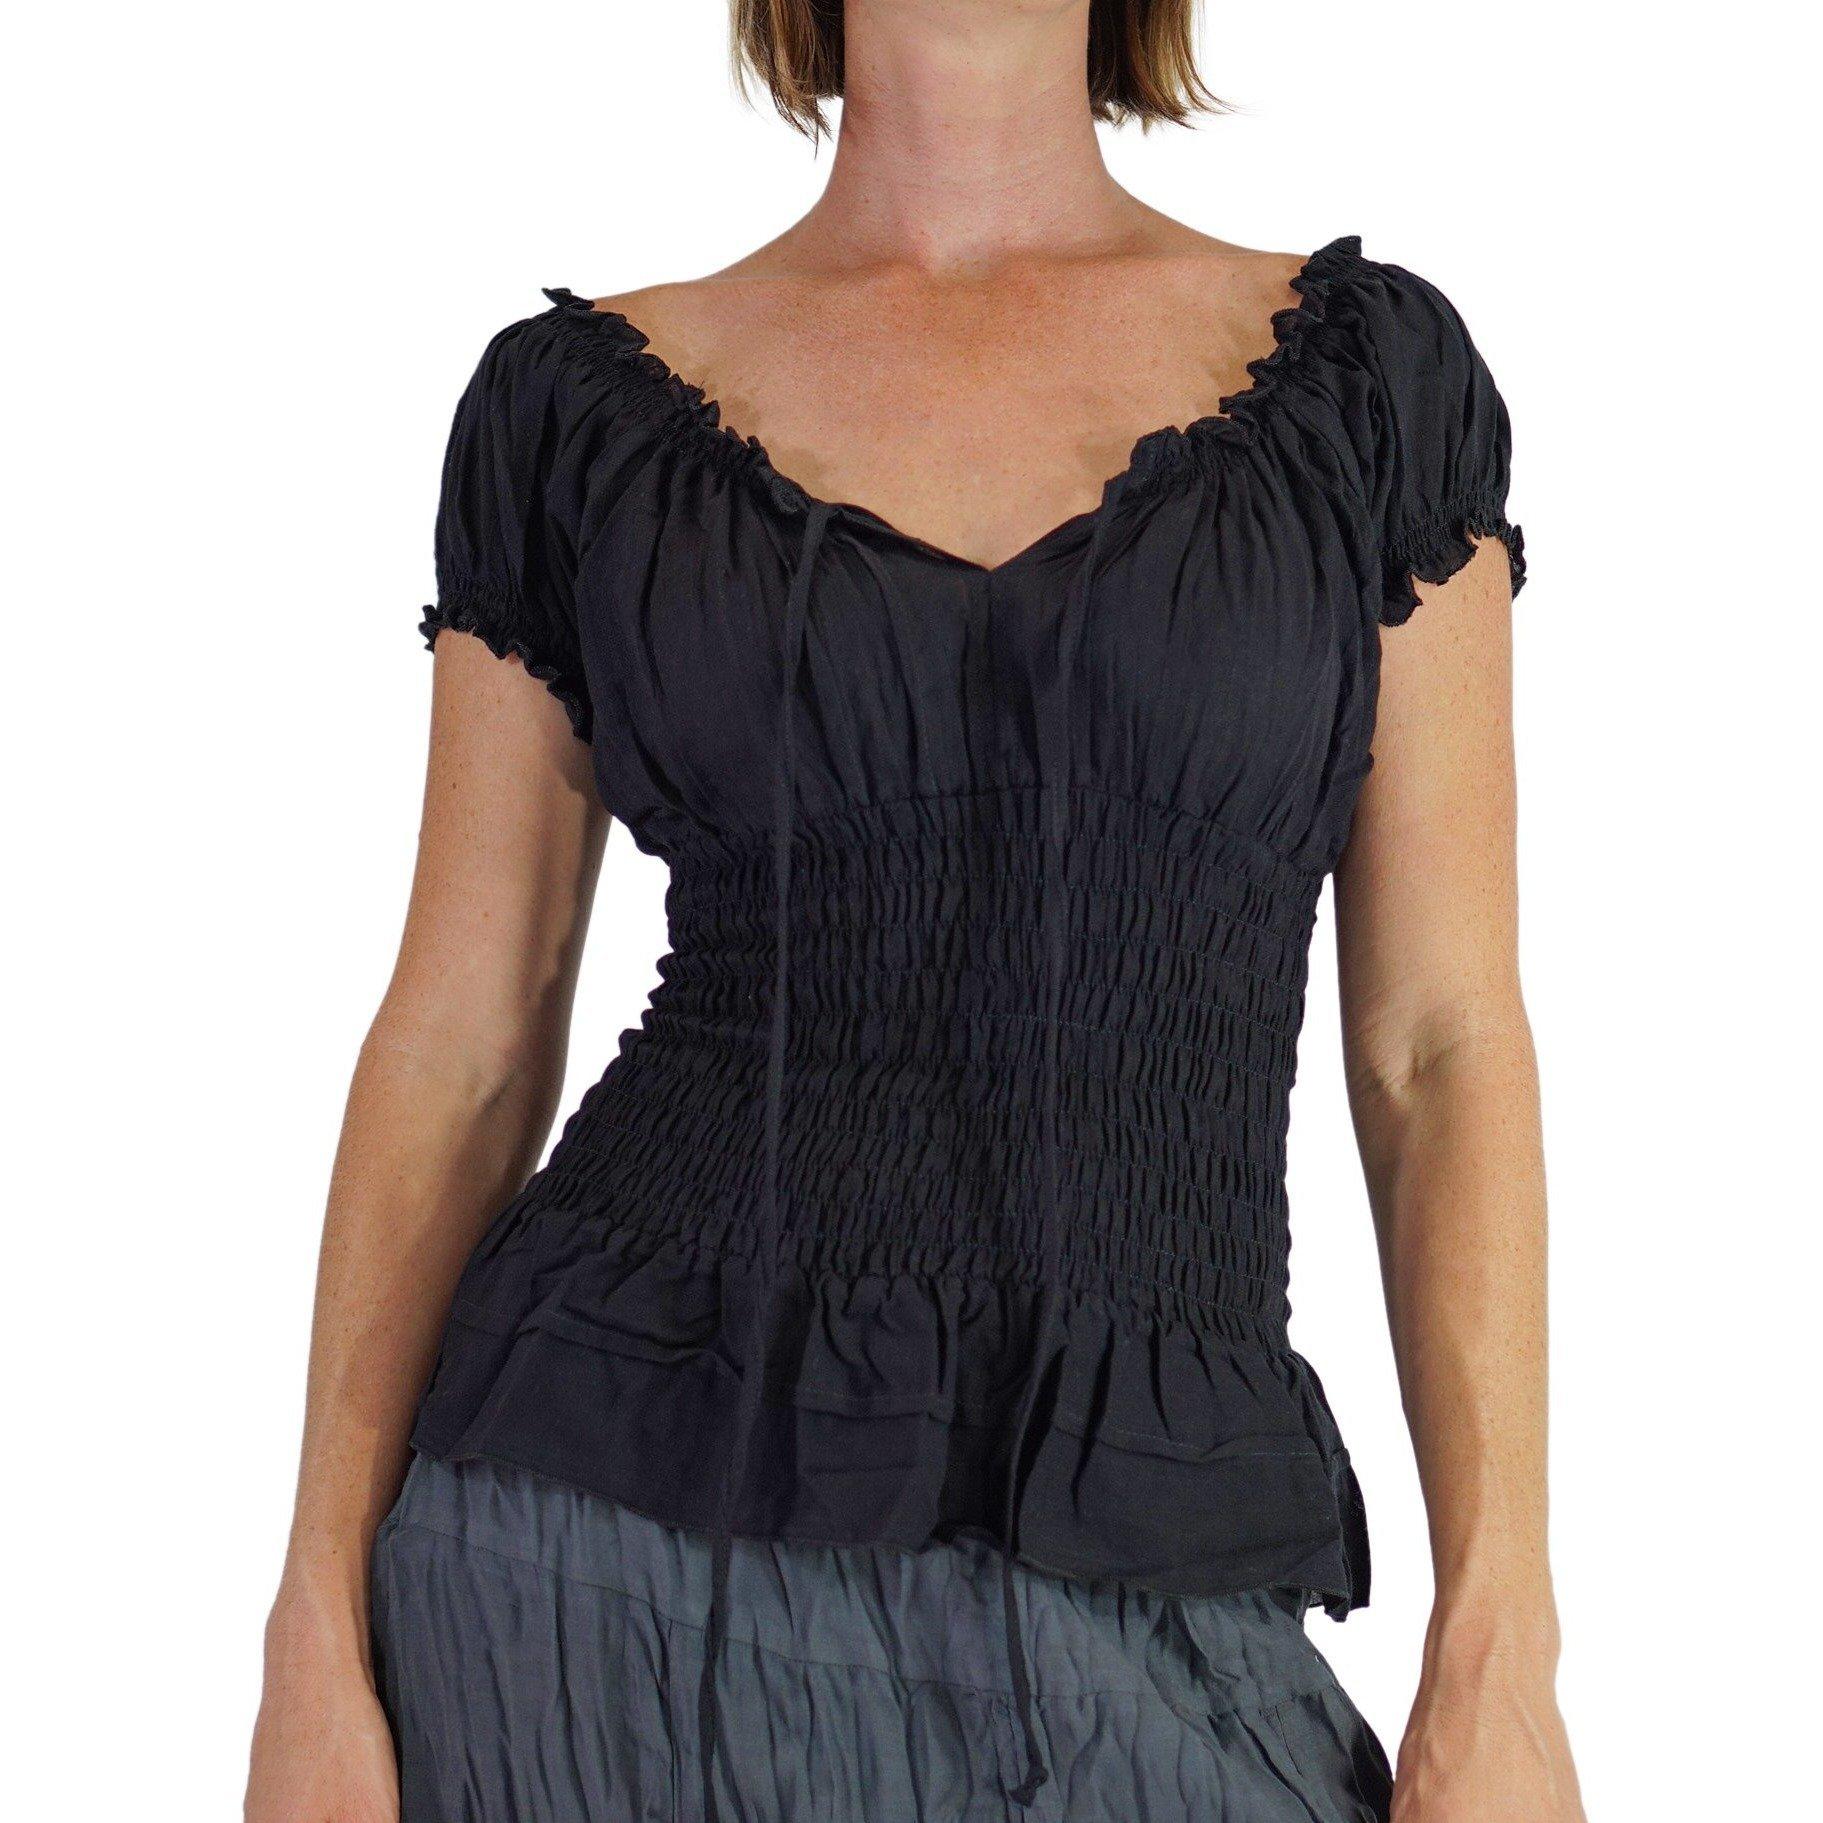 zootzu 'SS Peasant Blouse', Renaissance Clothing, Gypsy, Boho Shirt, Chemise - Black